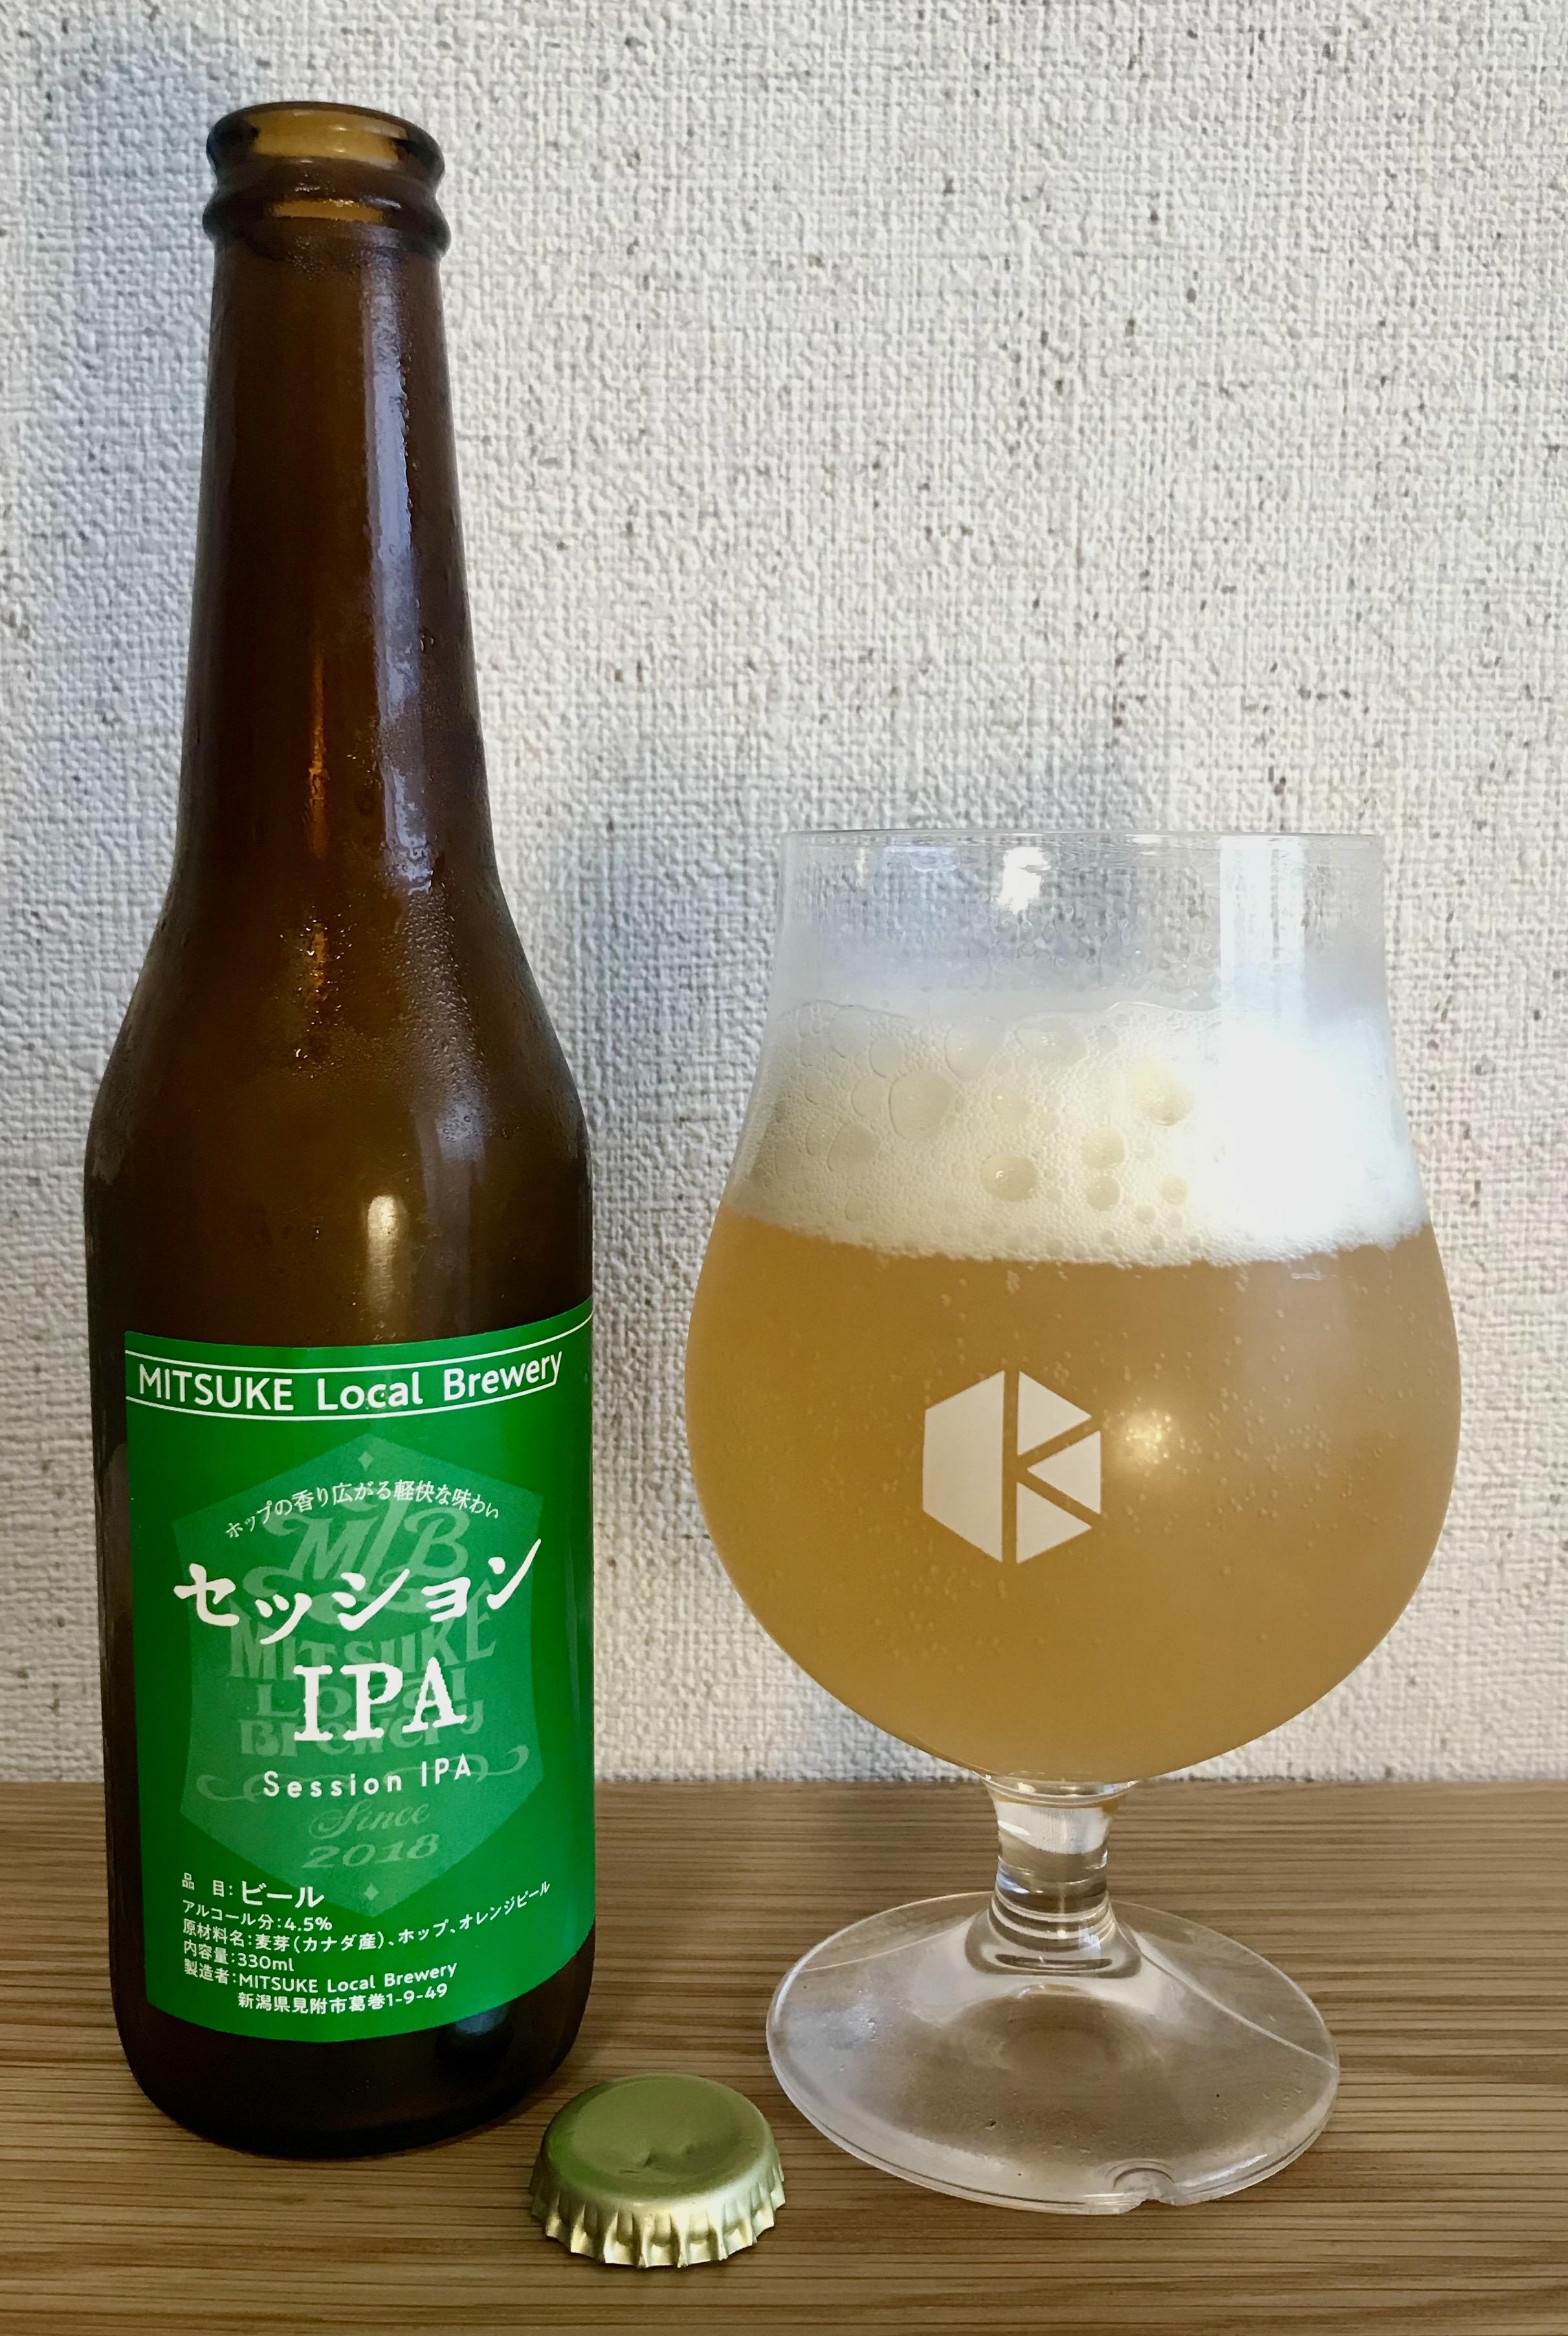 セッションIPA_MITSUKE Local Brewery_新潟_Image